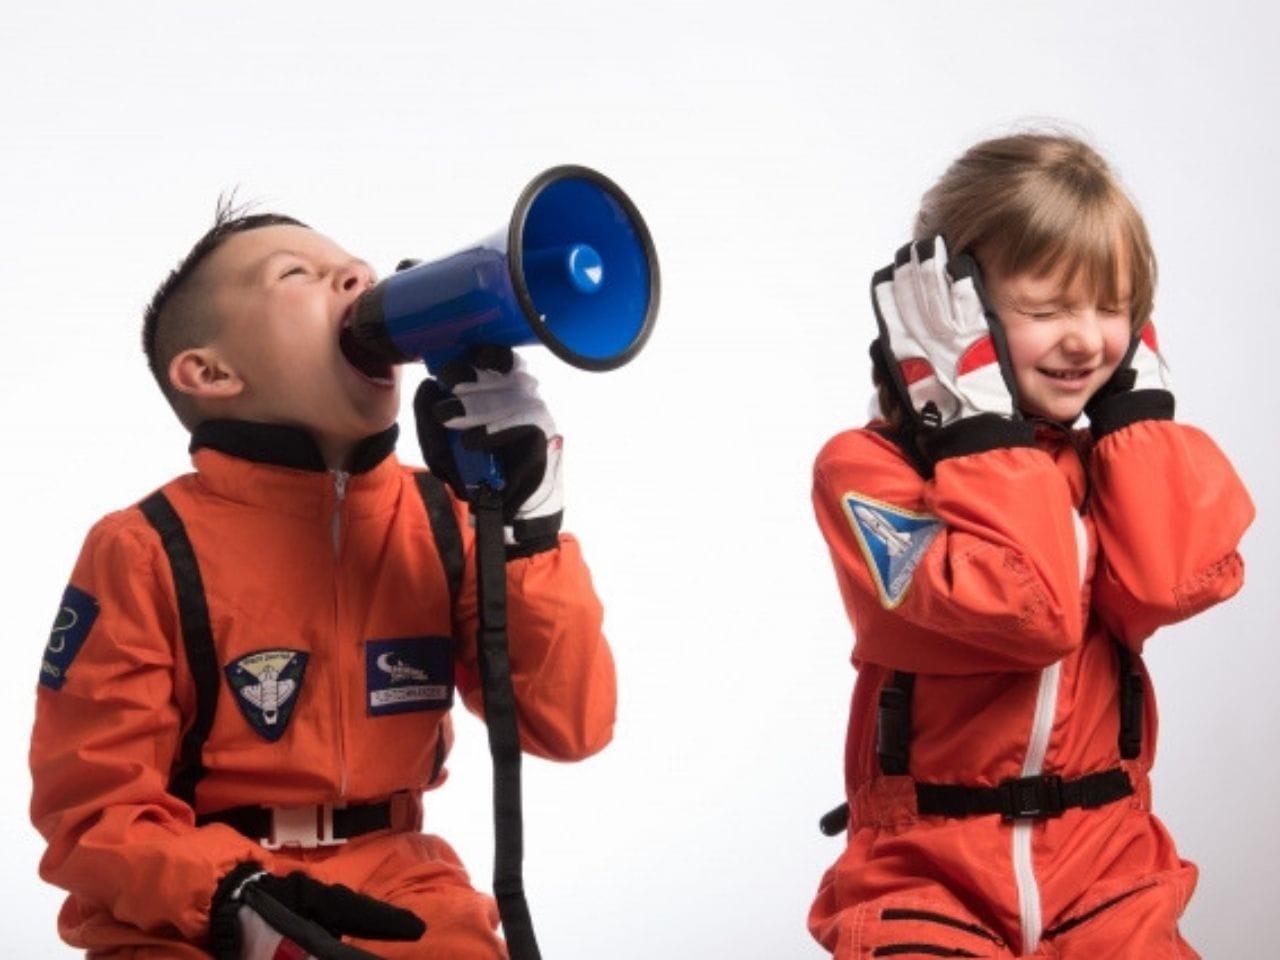 拡声器で騒音を出す少年と耳をふさぐ少女